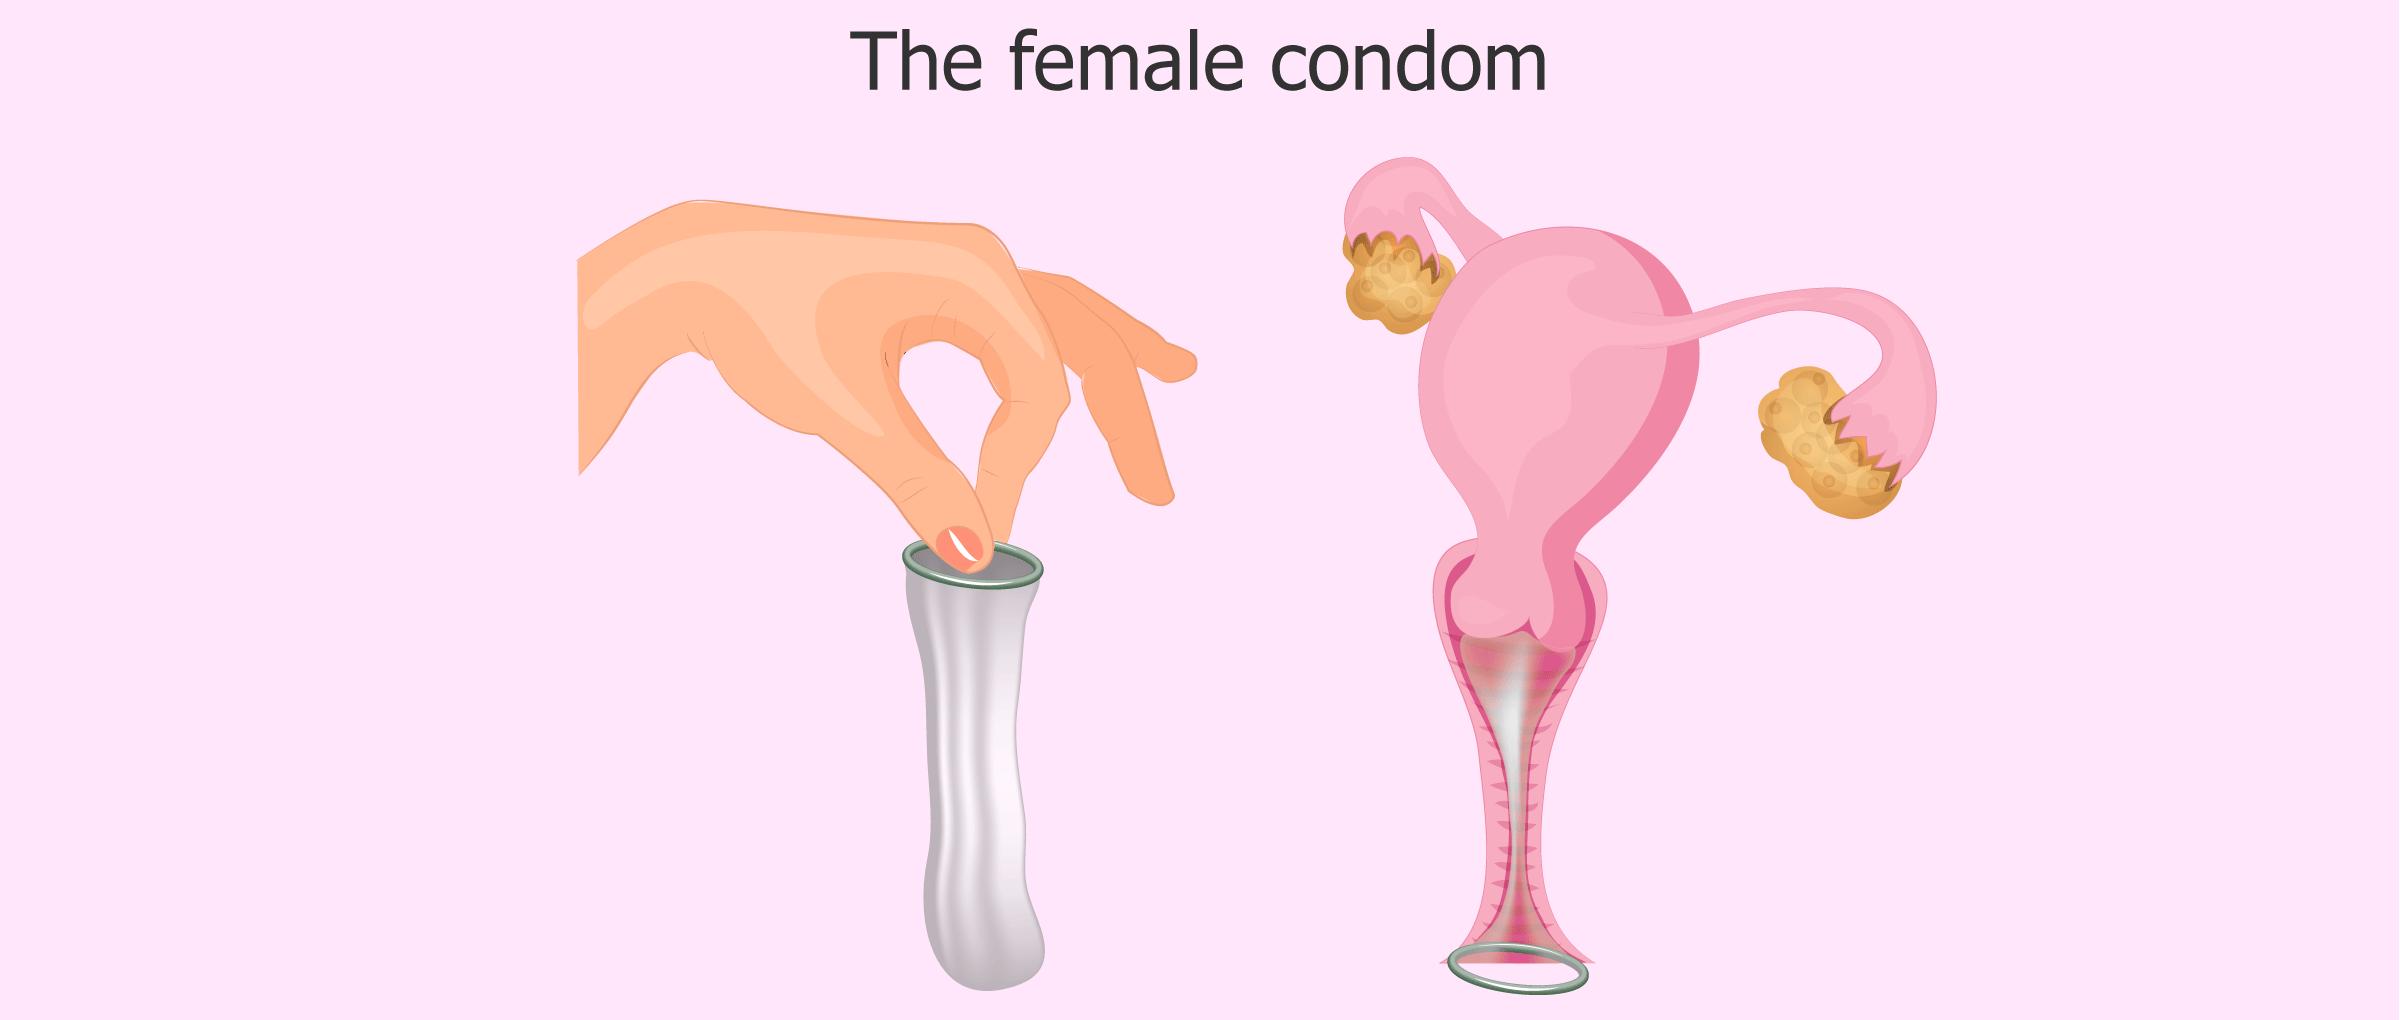 есть какие-либо подборка сперма с влагалища видео онлайн потом удивляемся